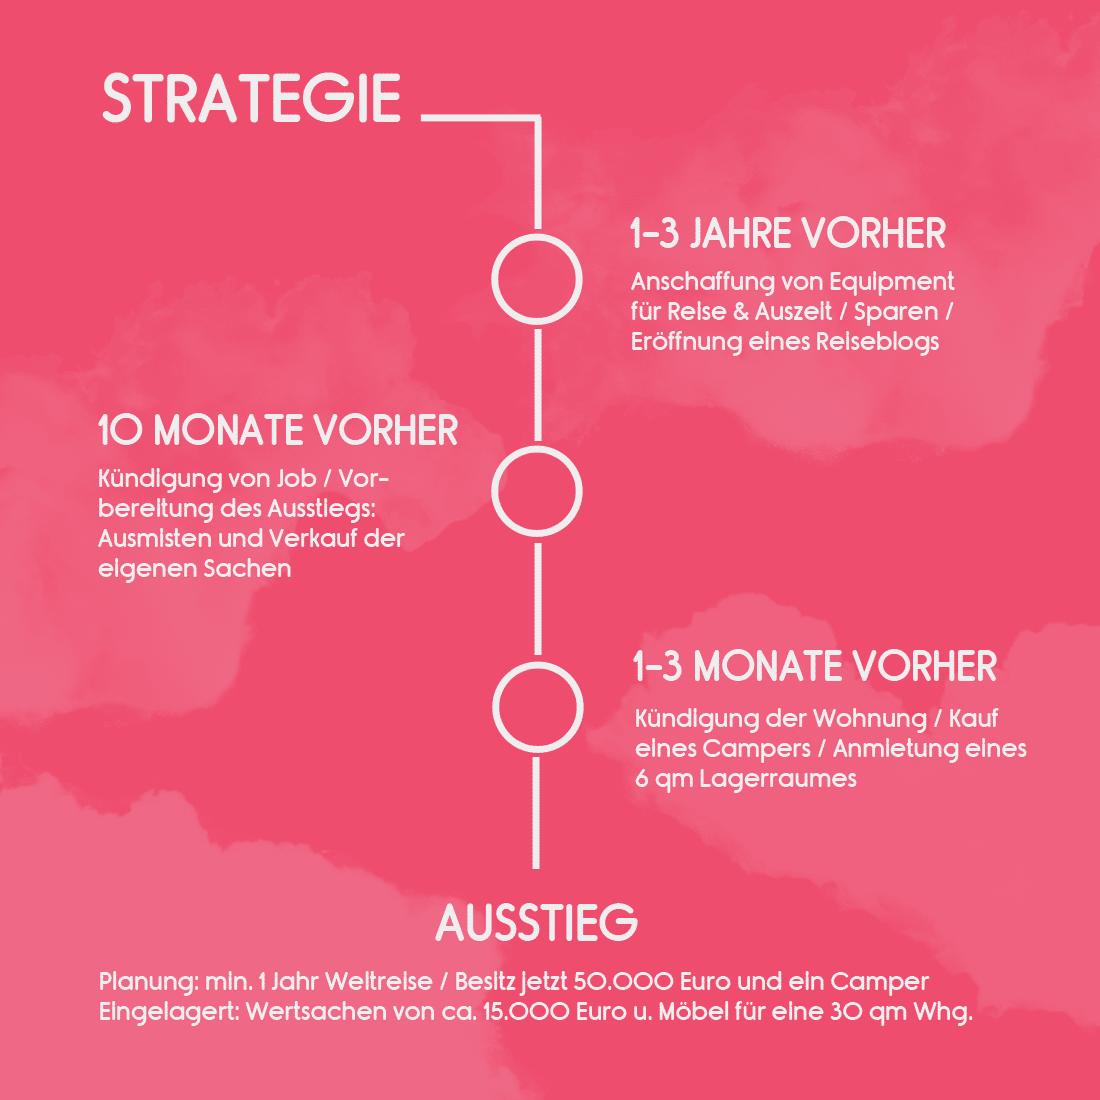 Aussteigen - Wie viel Geld brauche ich? - Strategie Reiseblog Bravebird